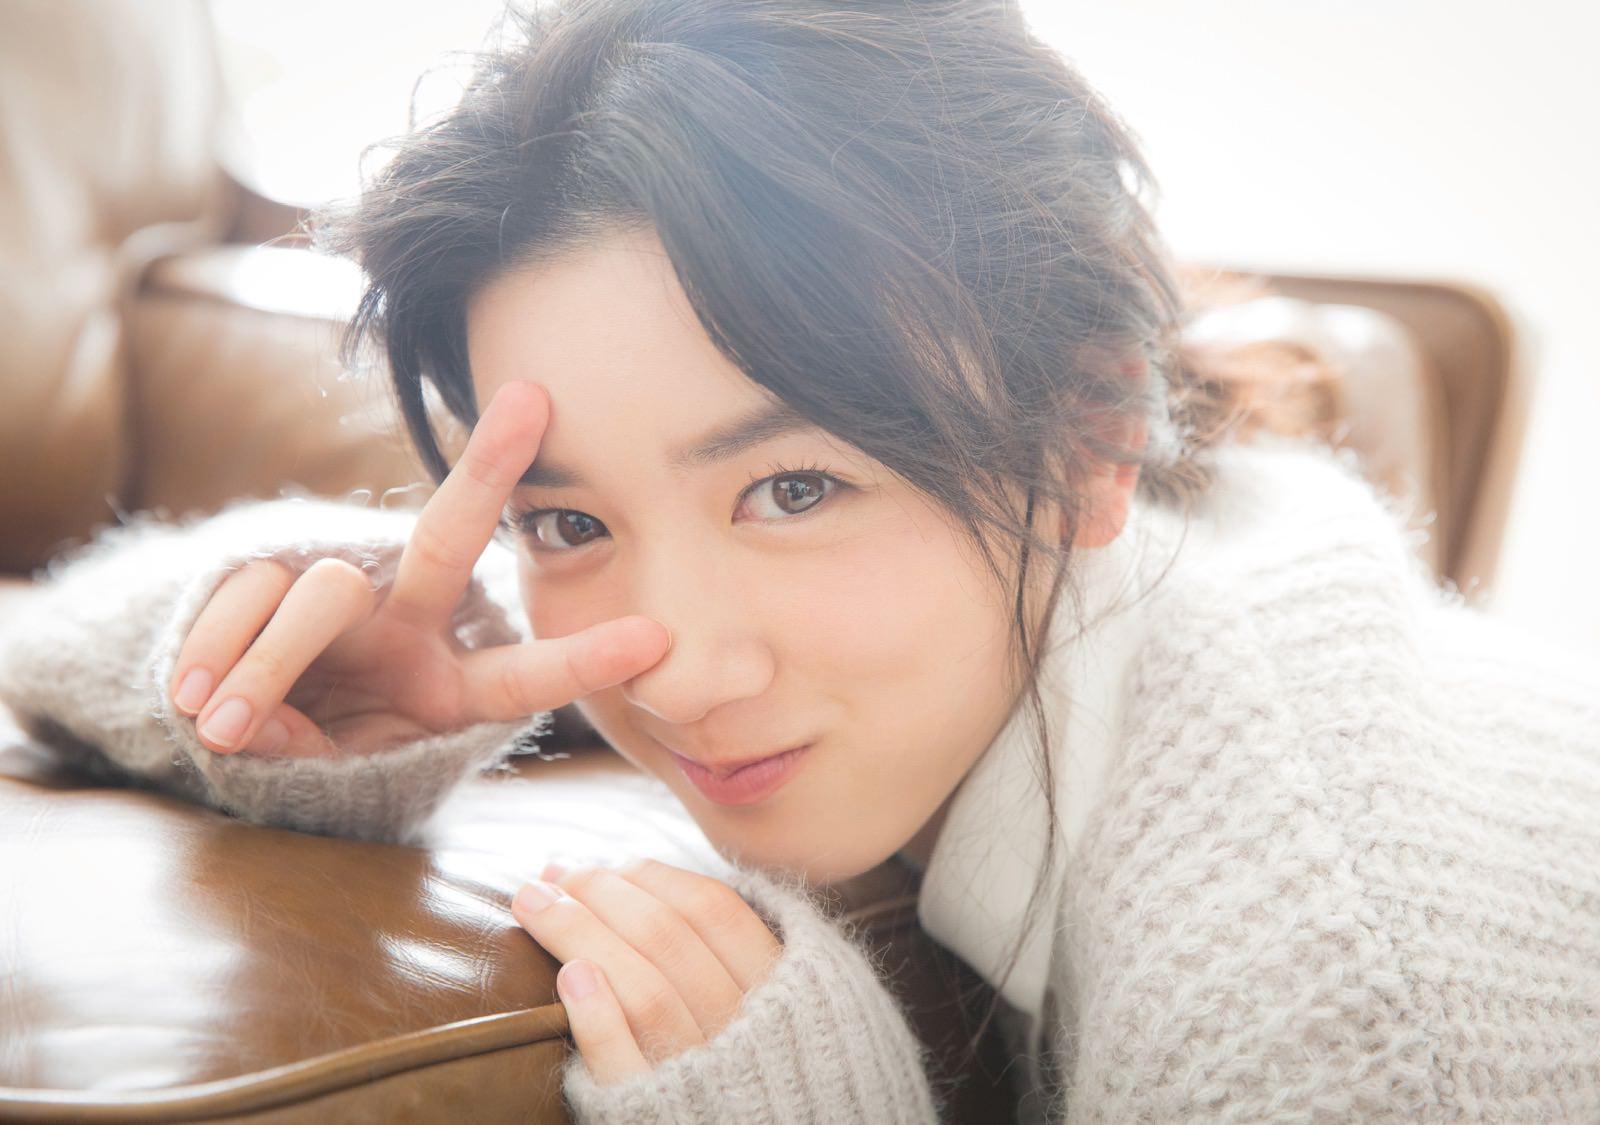 【エンタメ画像】若手女優・永野芽郁ちゃん(17)の透明感があって可愛すぎる。尿飲みたいと話題。